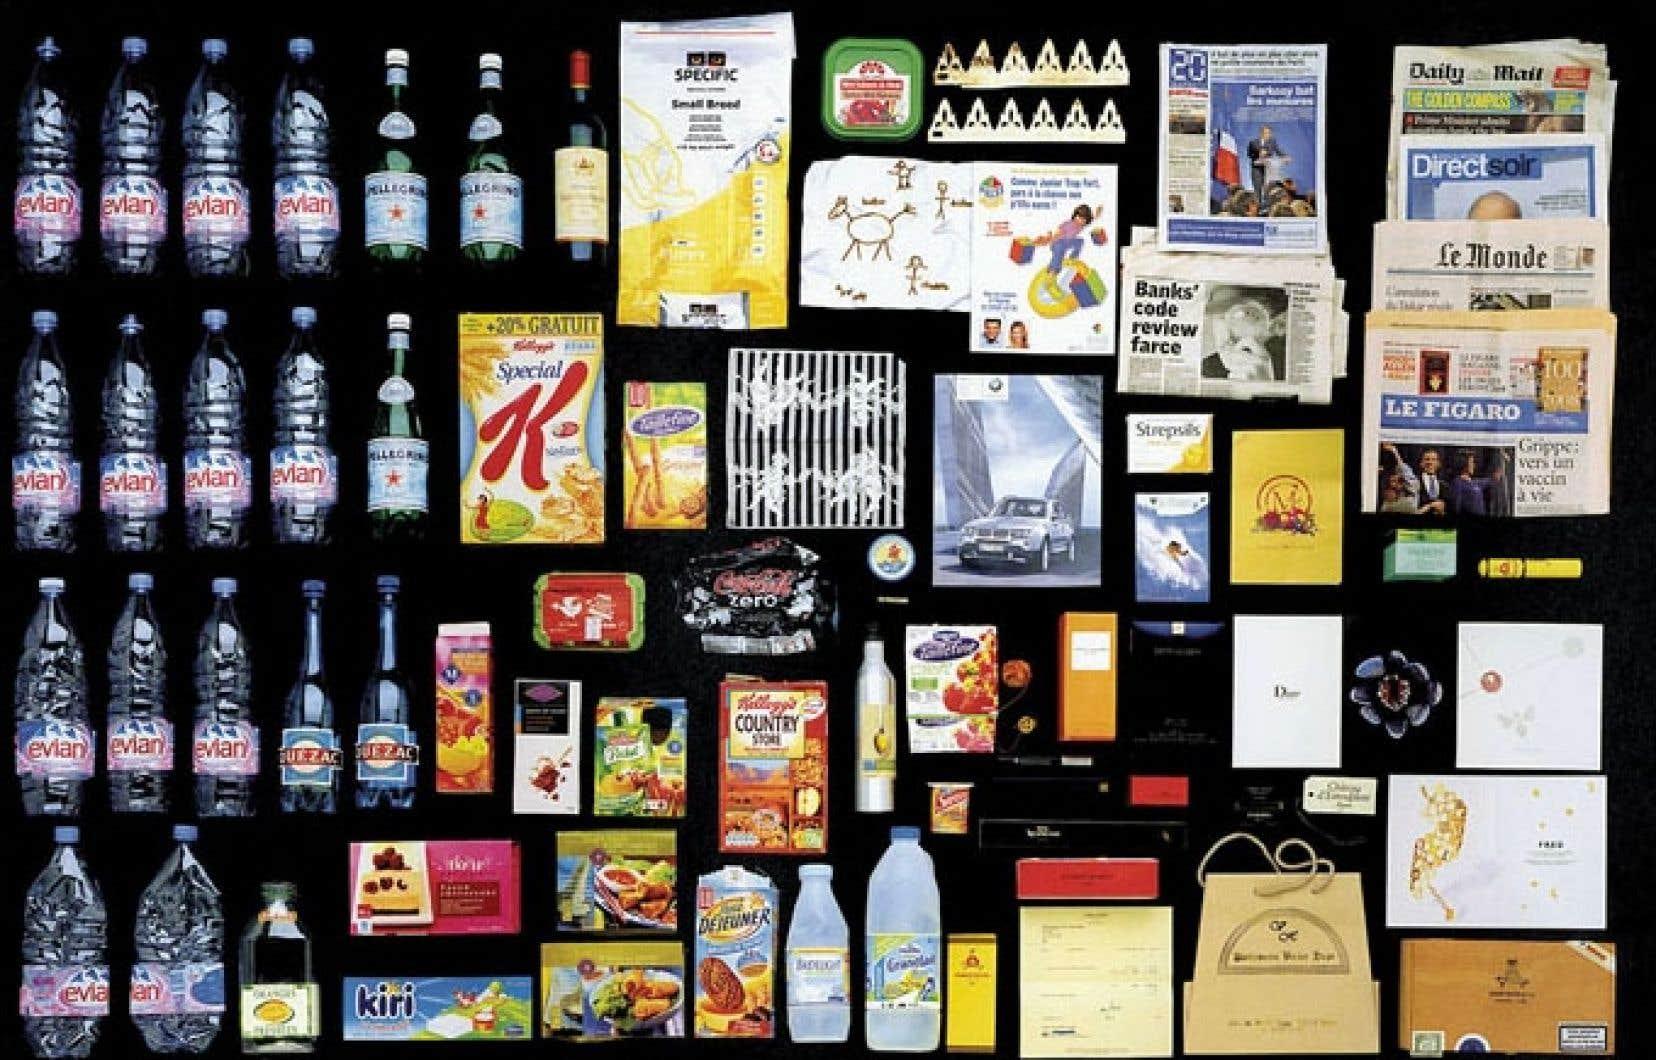 Un aperçu du contenu de poubelles de Francais aisés, en 2008.